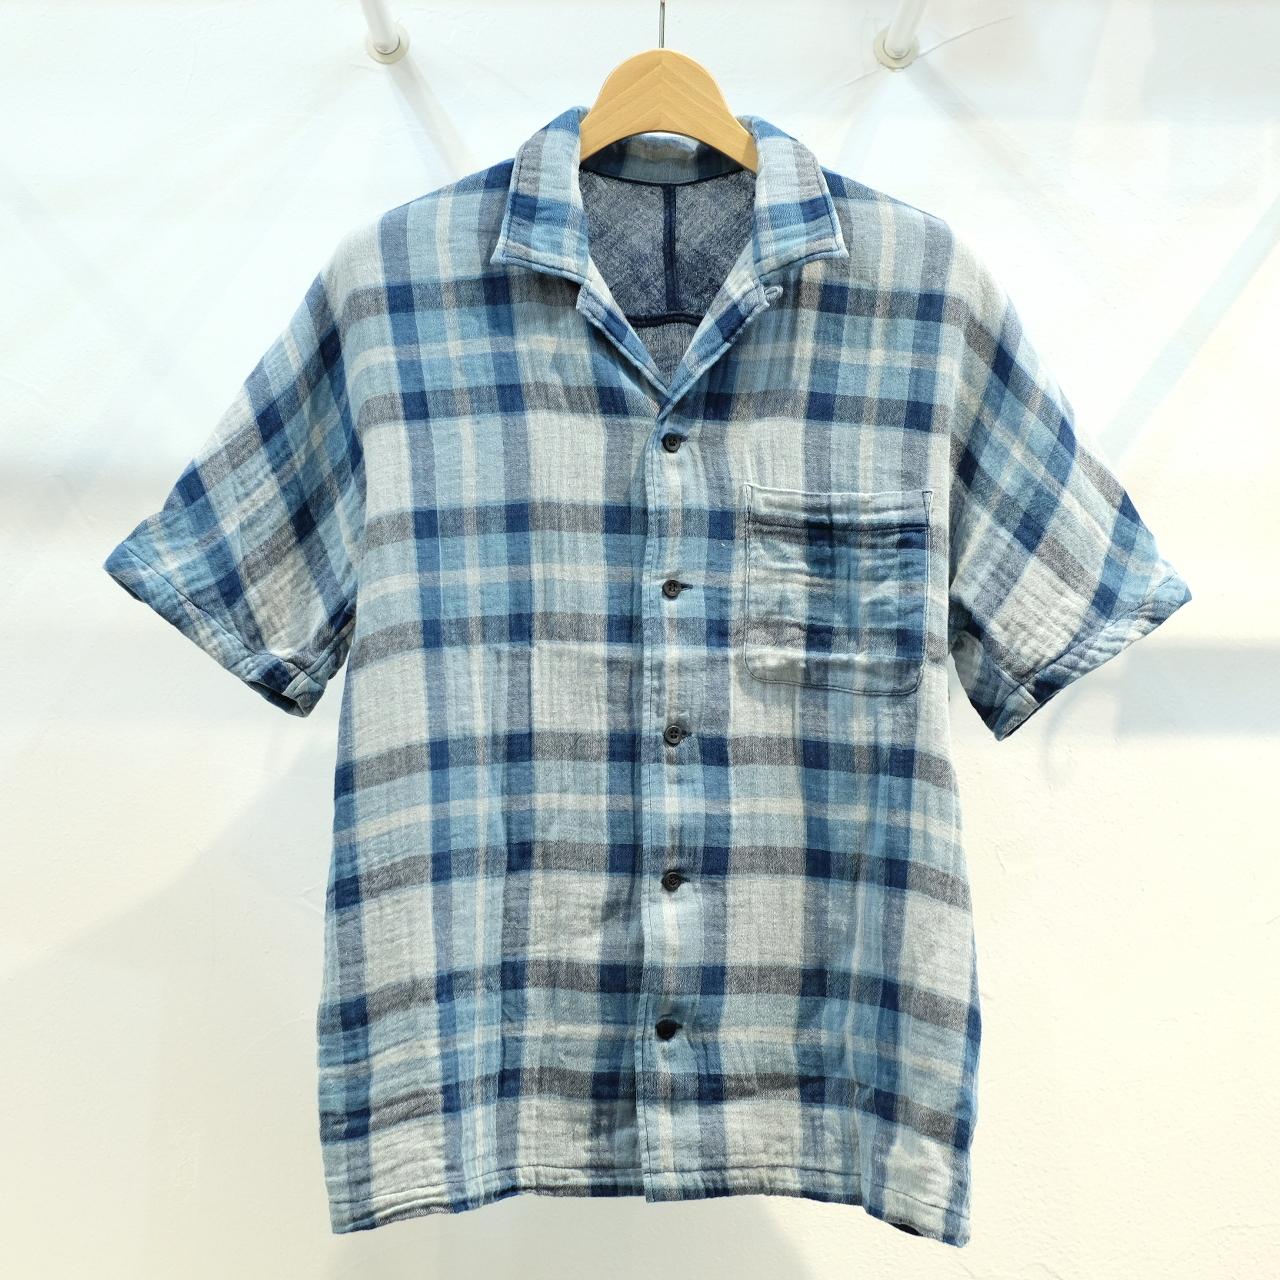 KUON(クオン) 藍染チェック・ダブルガーゼ オープンカラーシャツ(藍染アロハ)